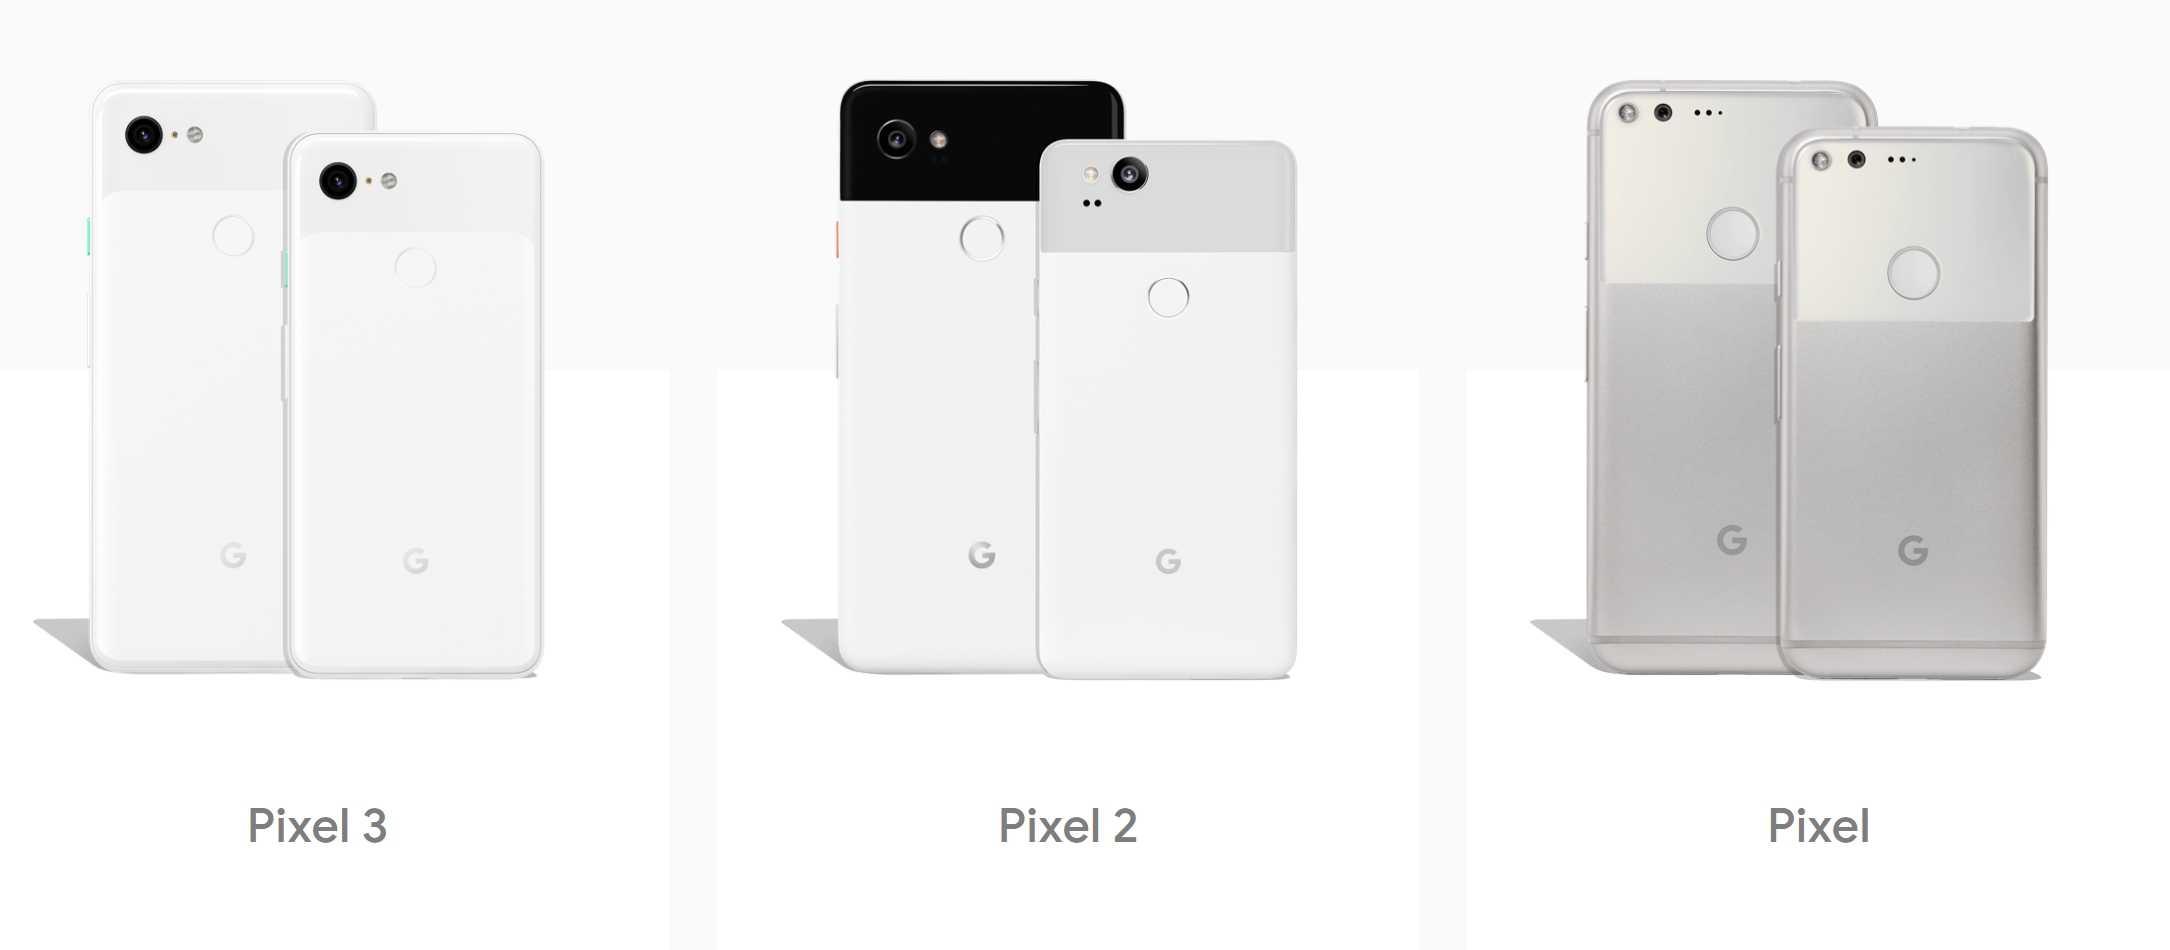 Стали известны ключевые характеристики google pixel 5. кто-то удивлен? - androidinsider.ru